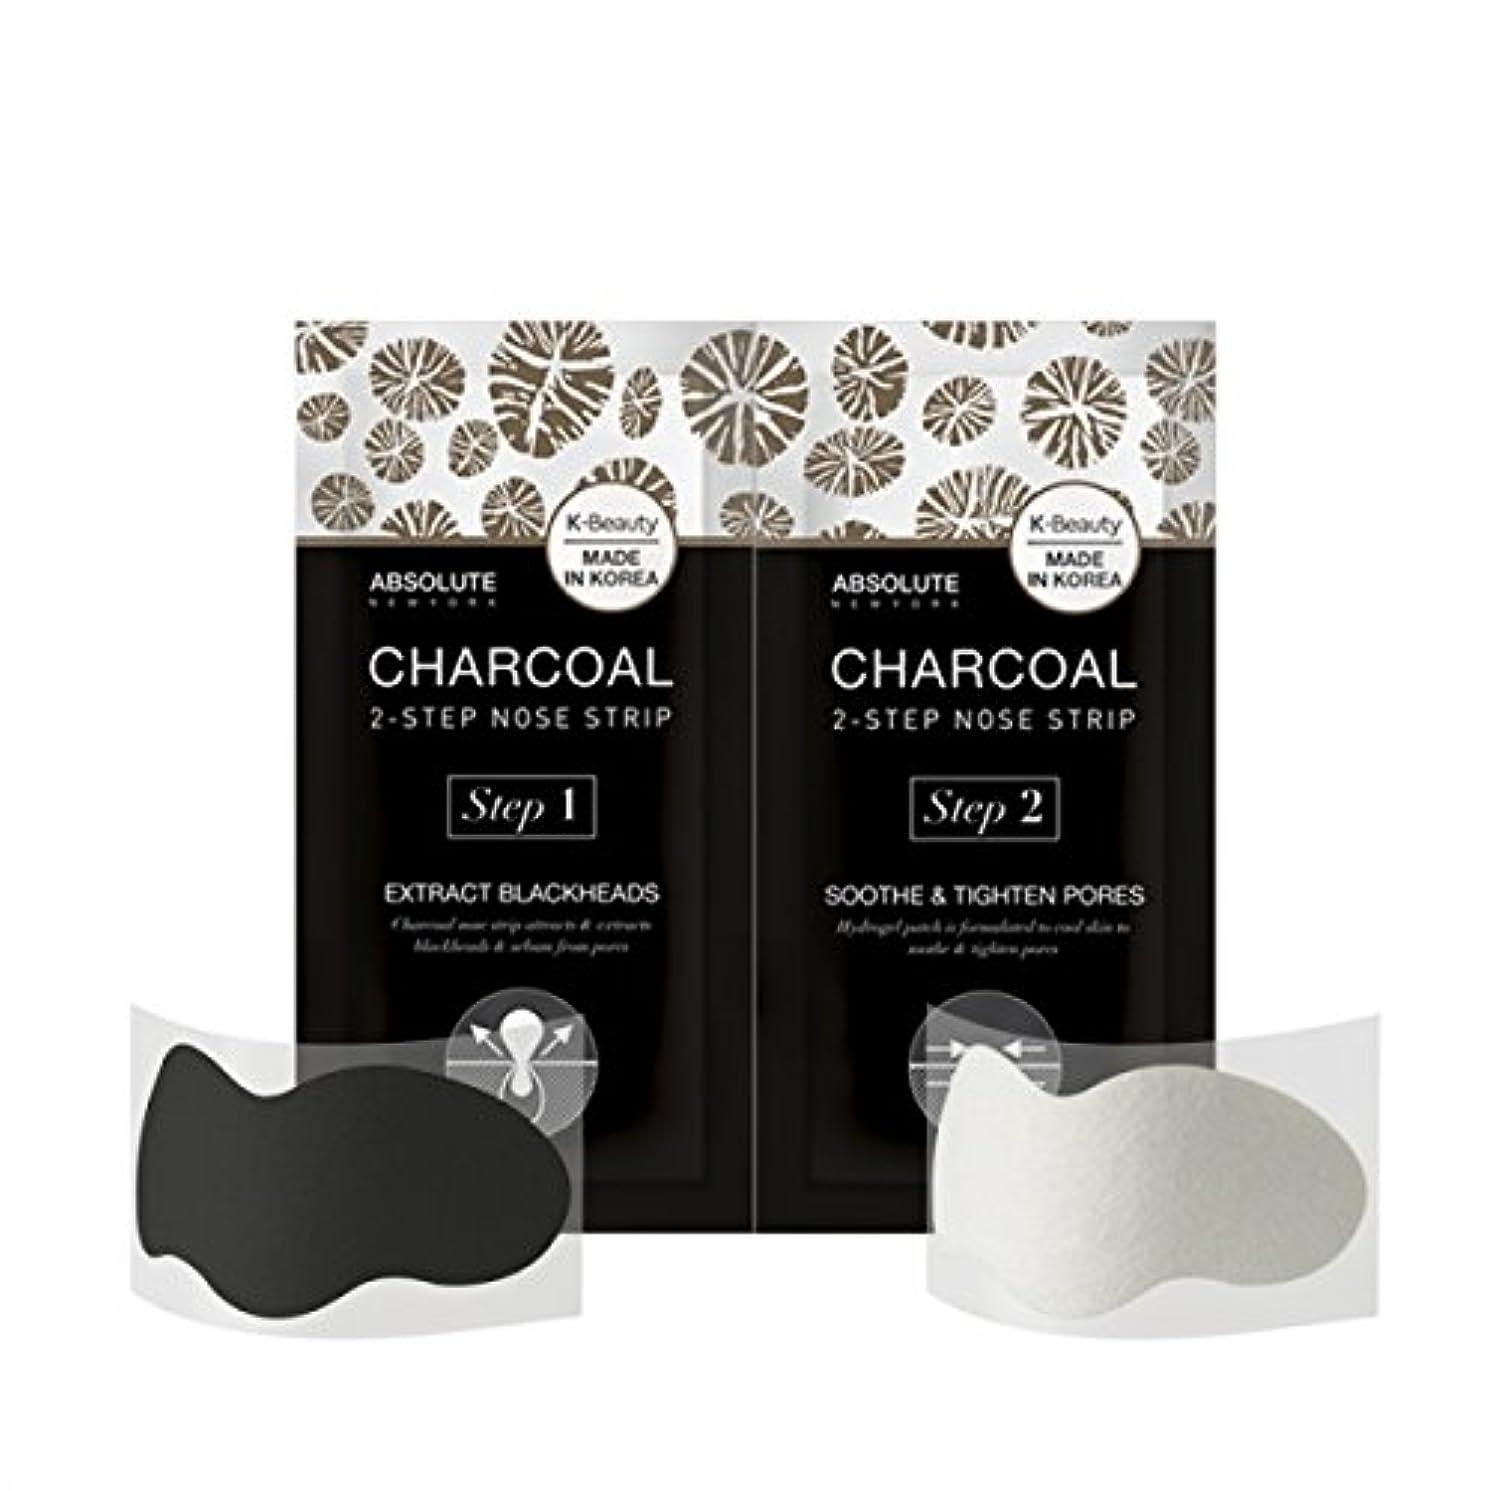 ヤギ死の顎推論ABSOLUTE Charcoal 2-Step Nose Strip (並行輸入品)